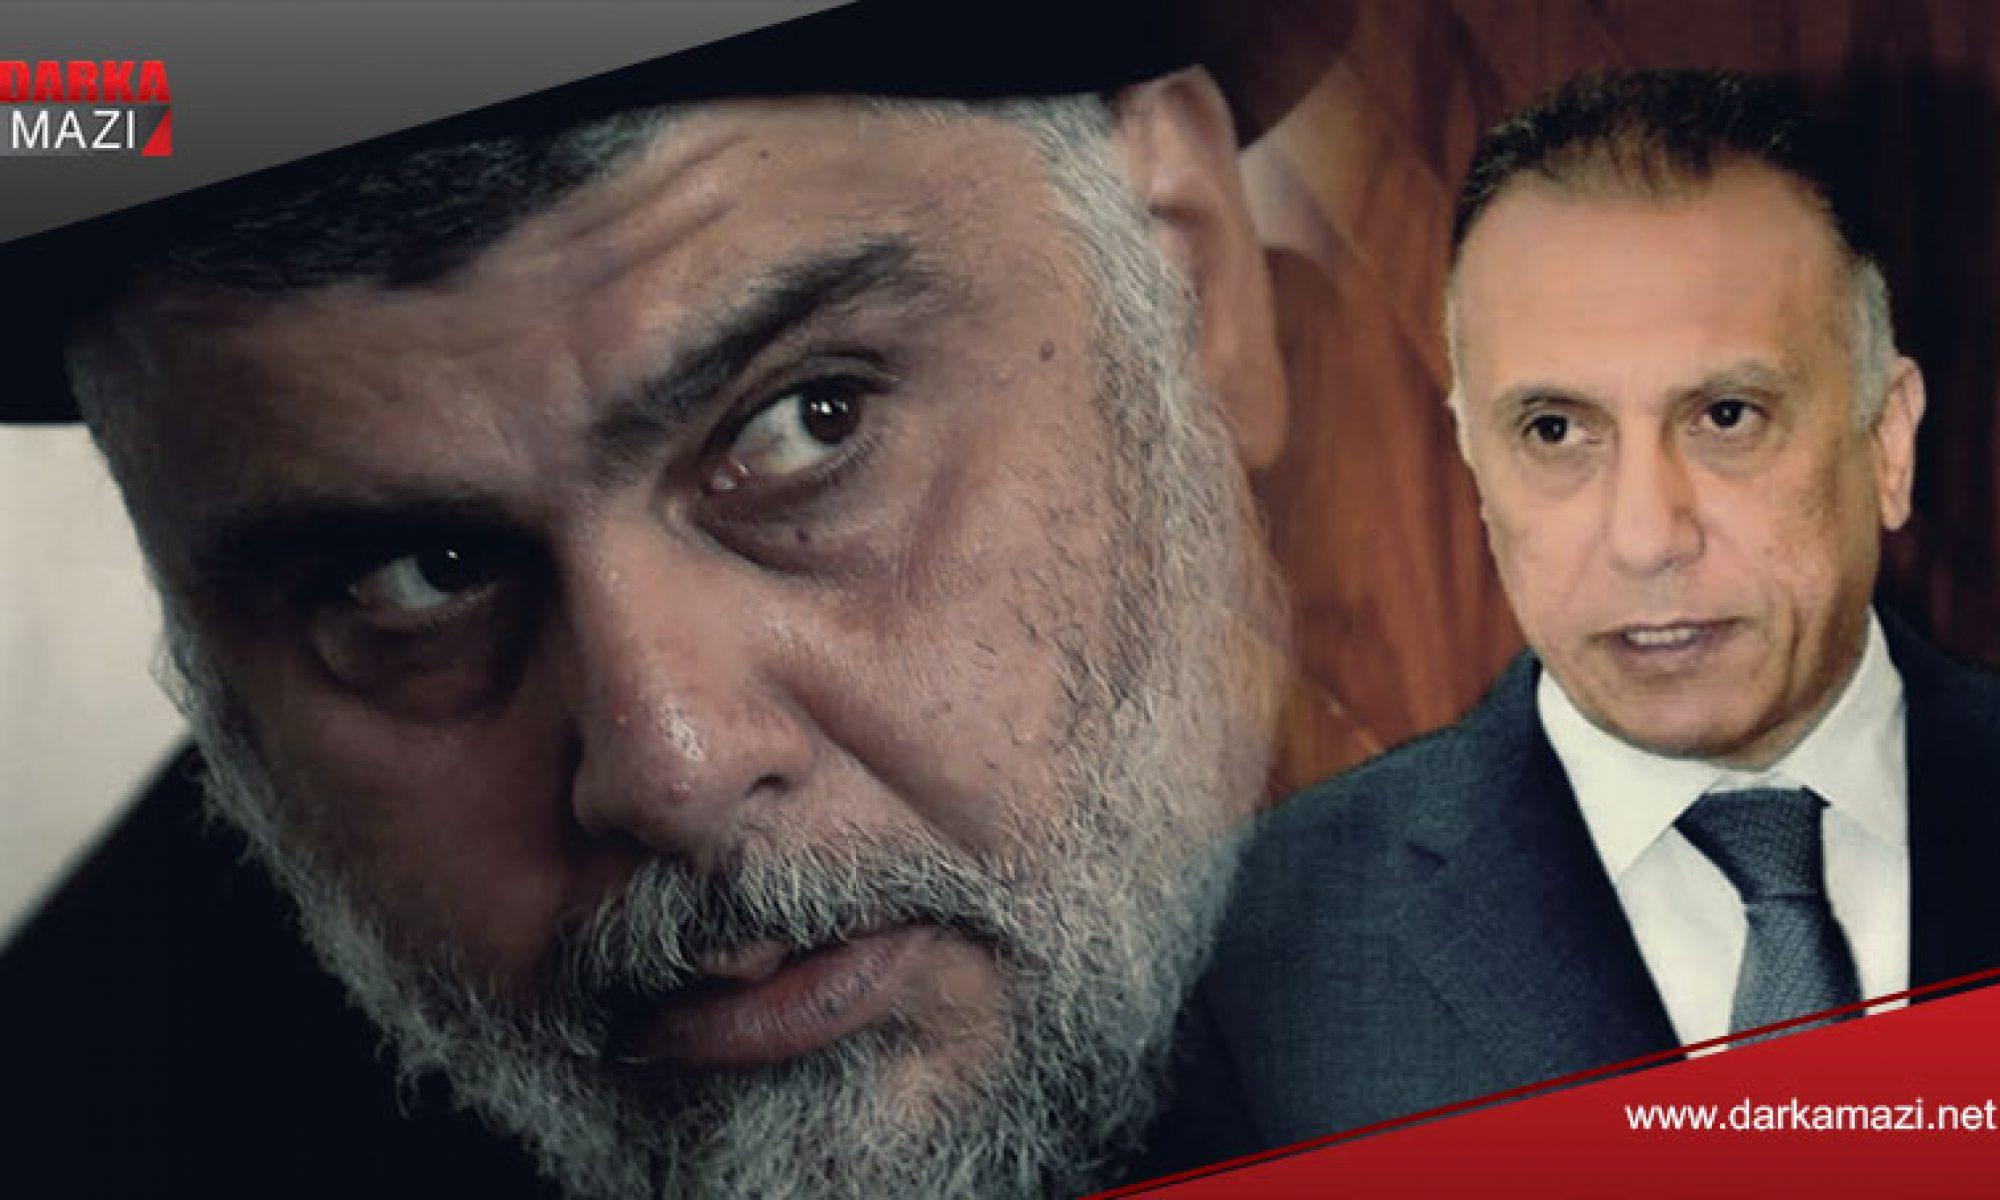 Sadr'dan yeni başbakan Kazimiye karşı eski taktiği uyguladı: 100 süre